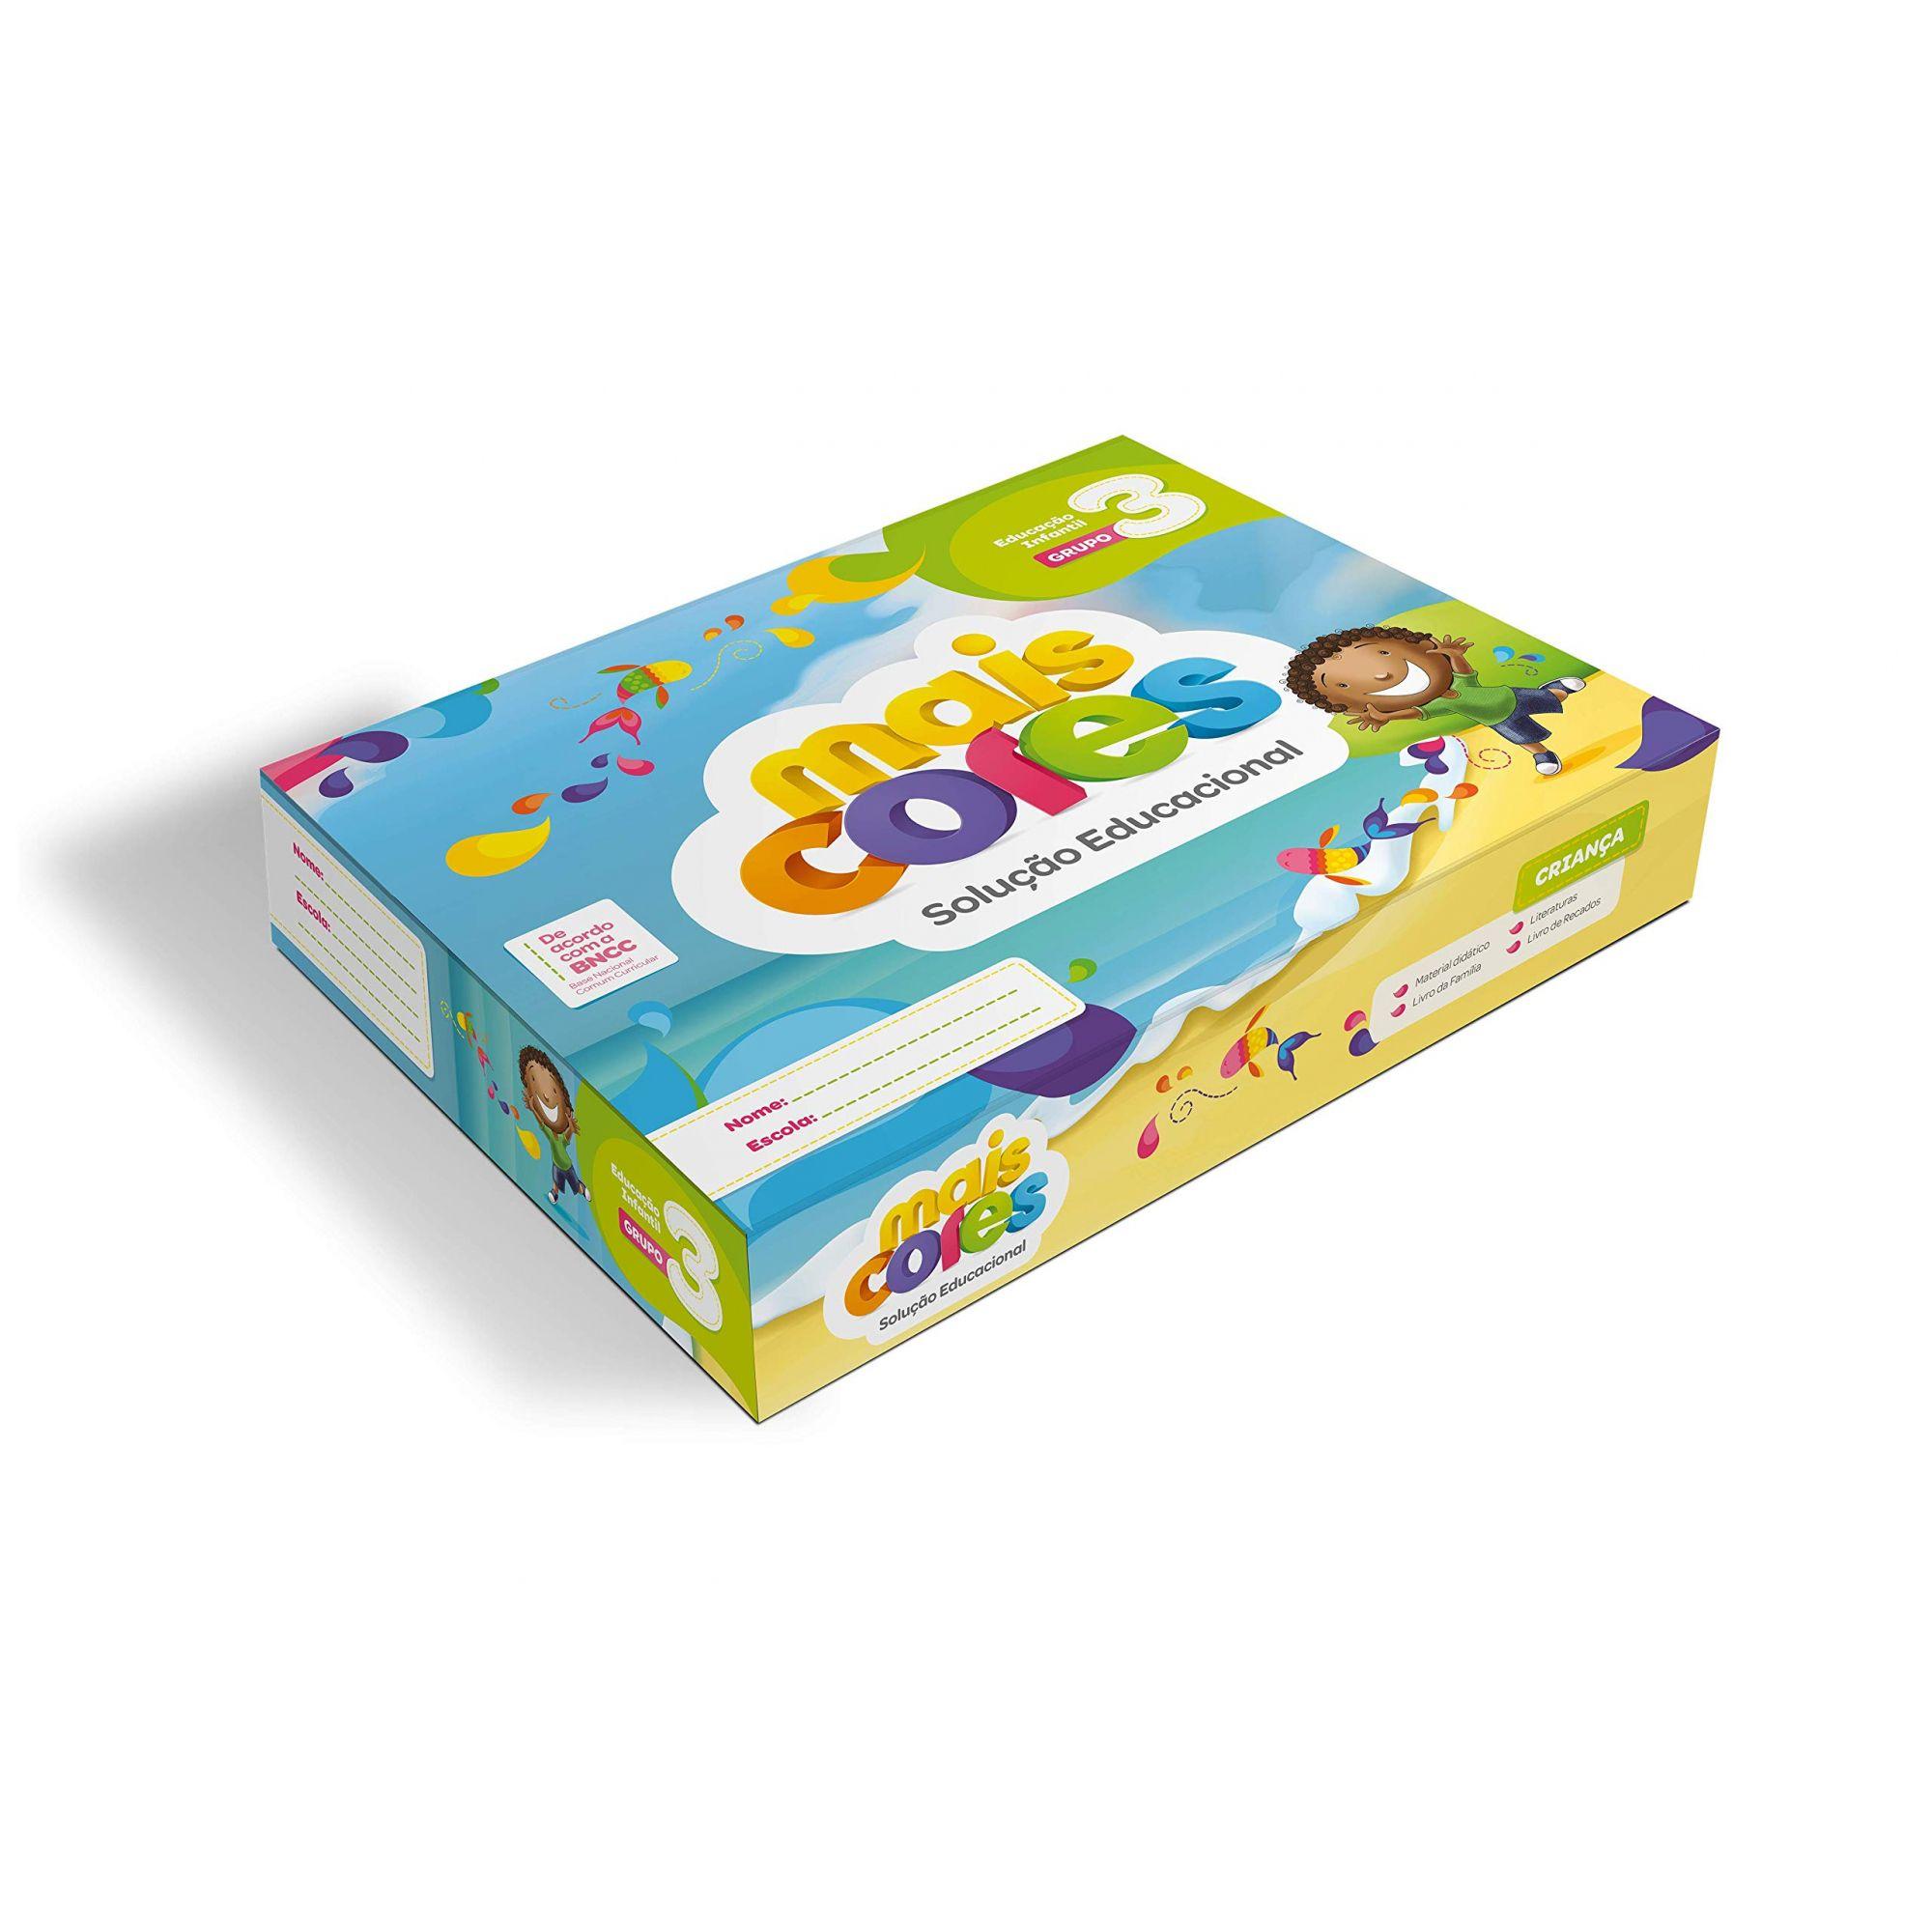 Coleção Mais Cores EI G3- Nova Coleção- Editora Positivo